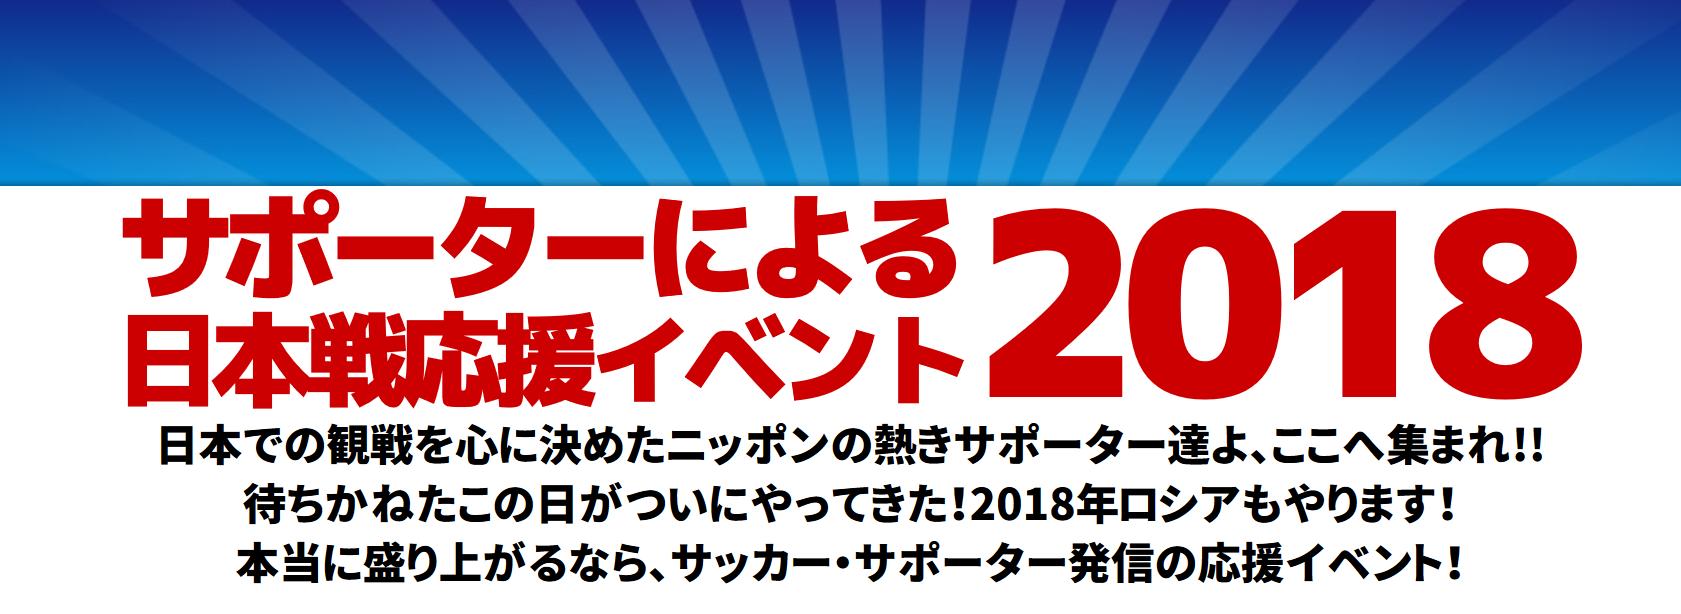 『サポーターによる日本戦応援イベント2018』本日、渋谷で開催